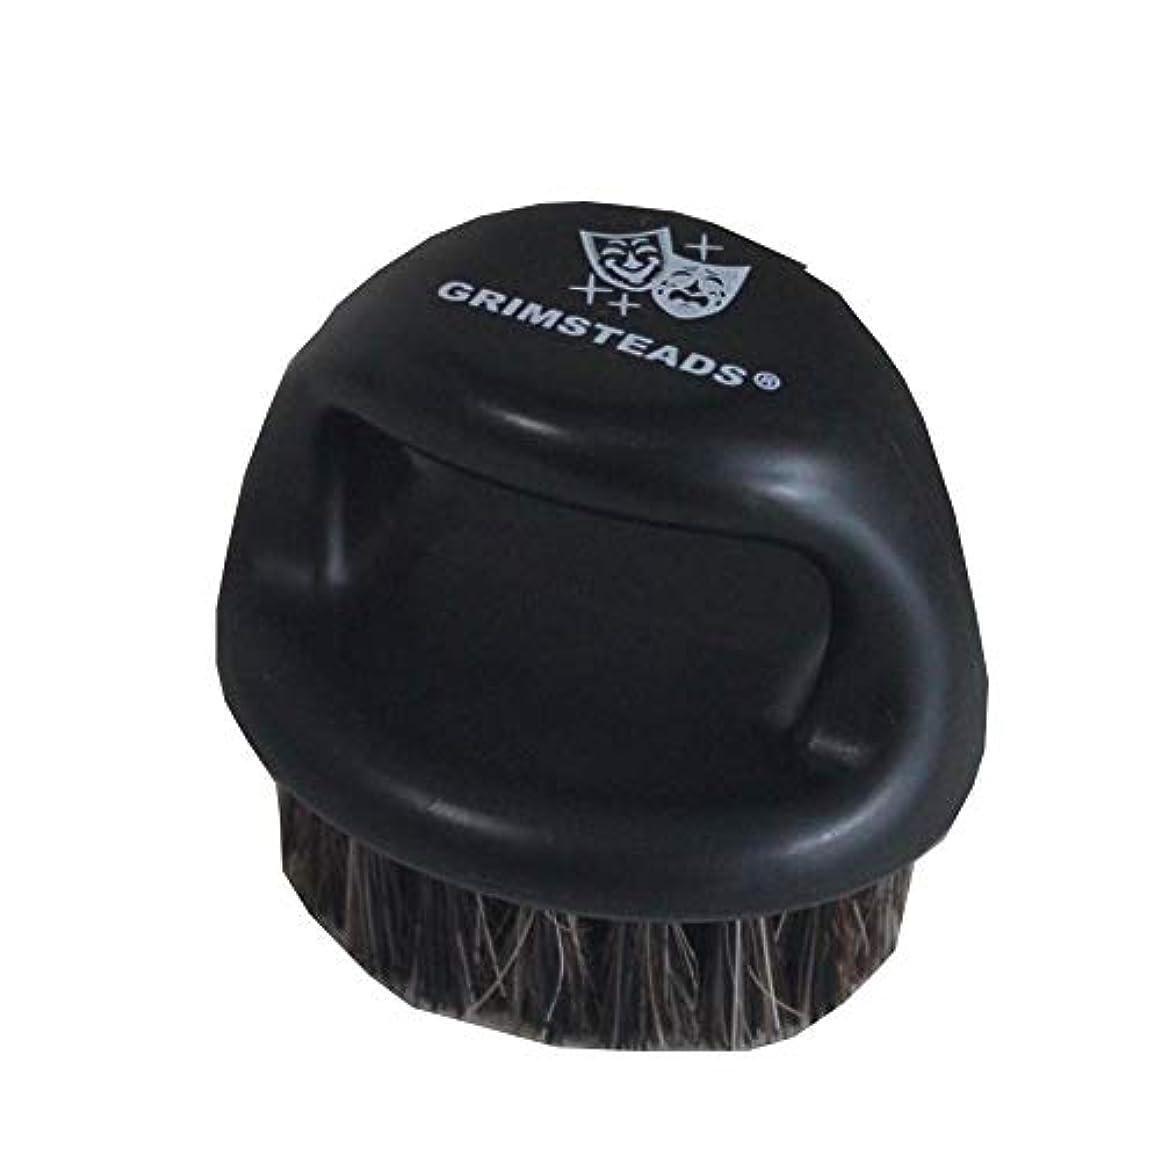 飽和する危険にさらされている十二FADE BRUSH フェードブラシ GRIMSTEADS 美容室 理容室 BARBER